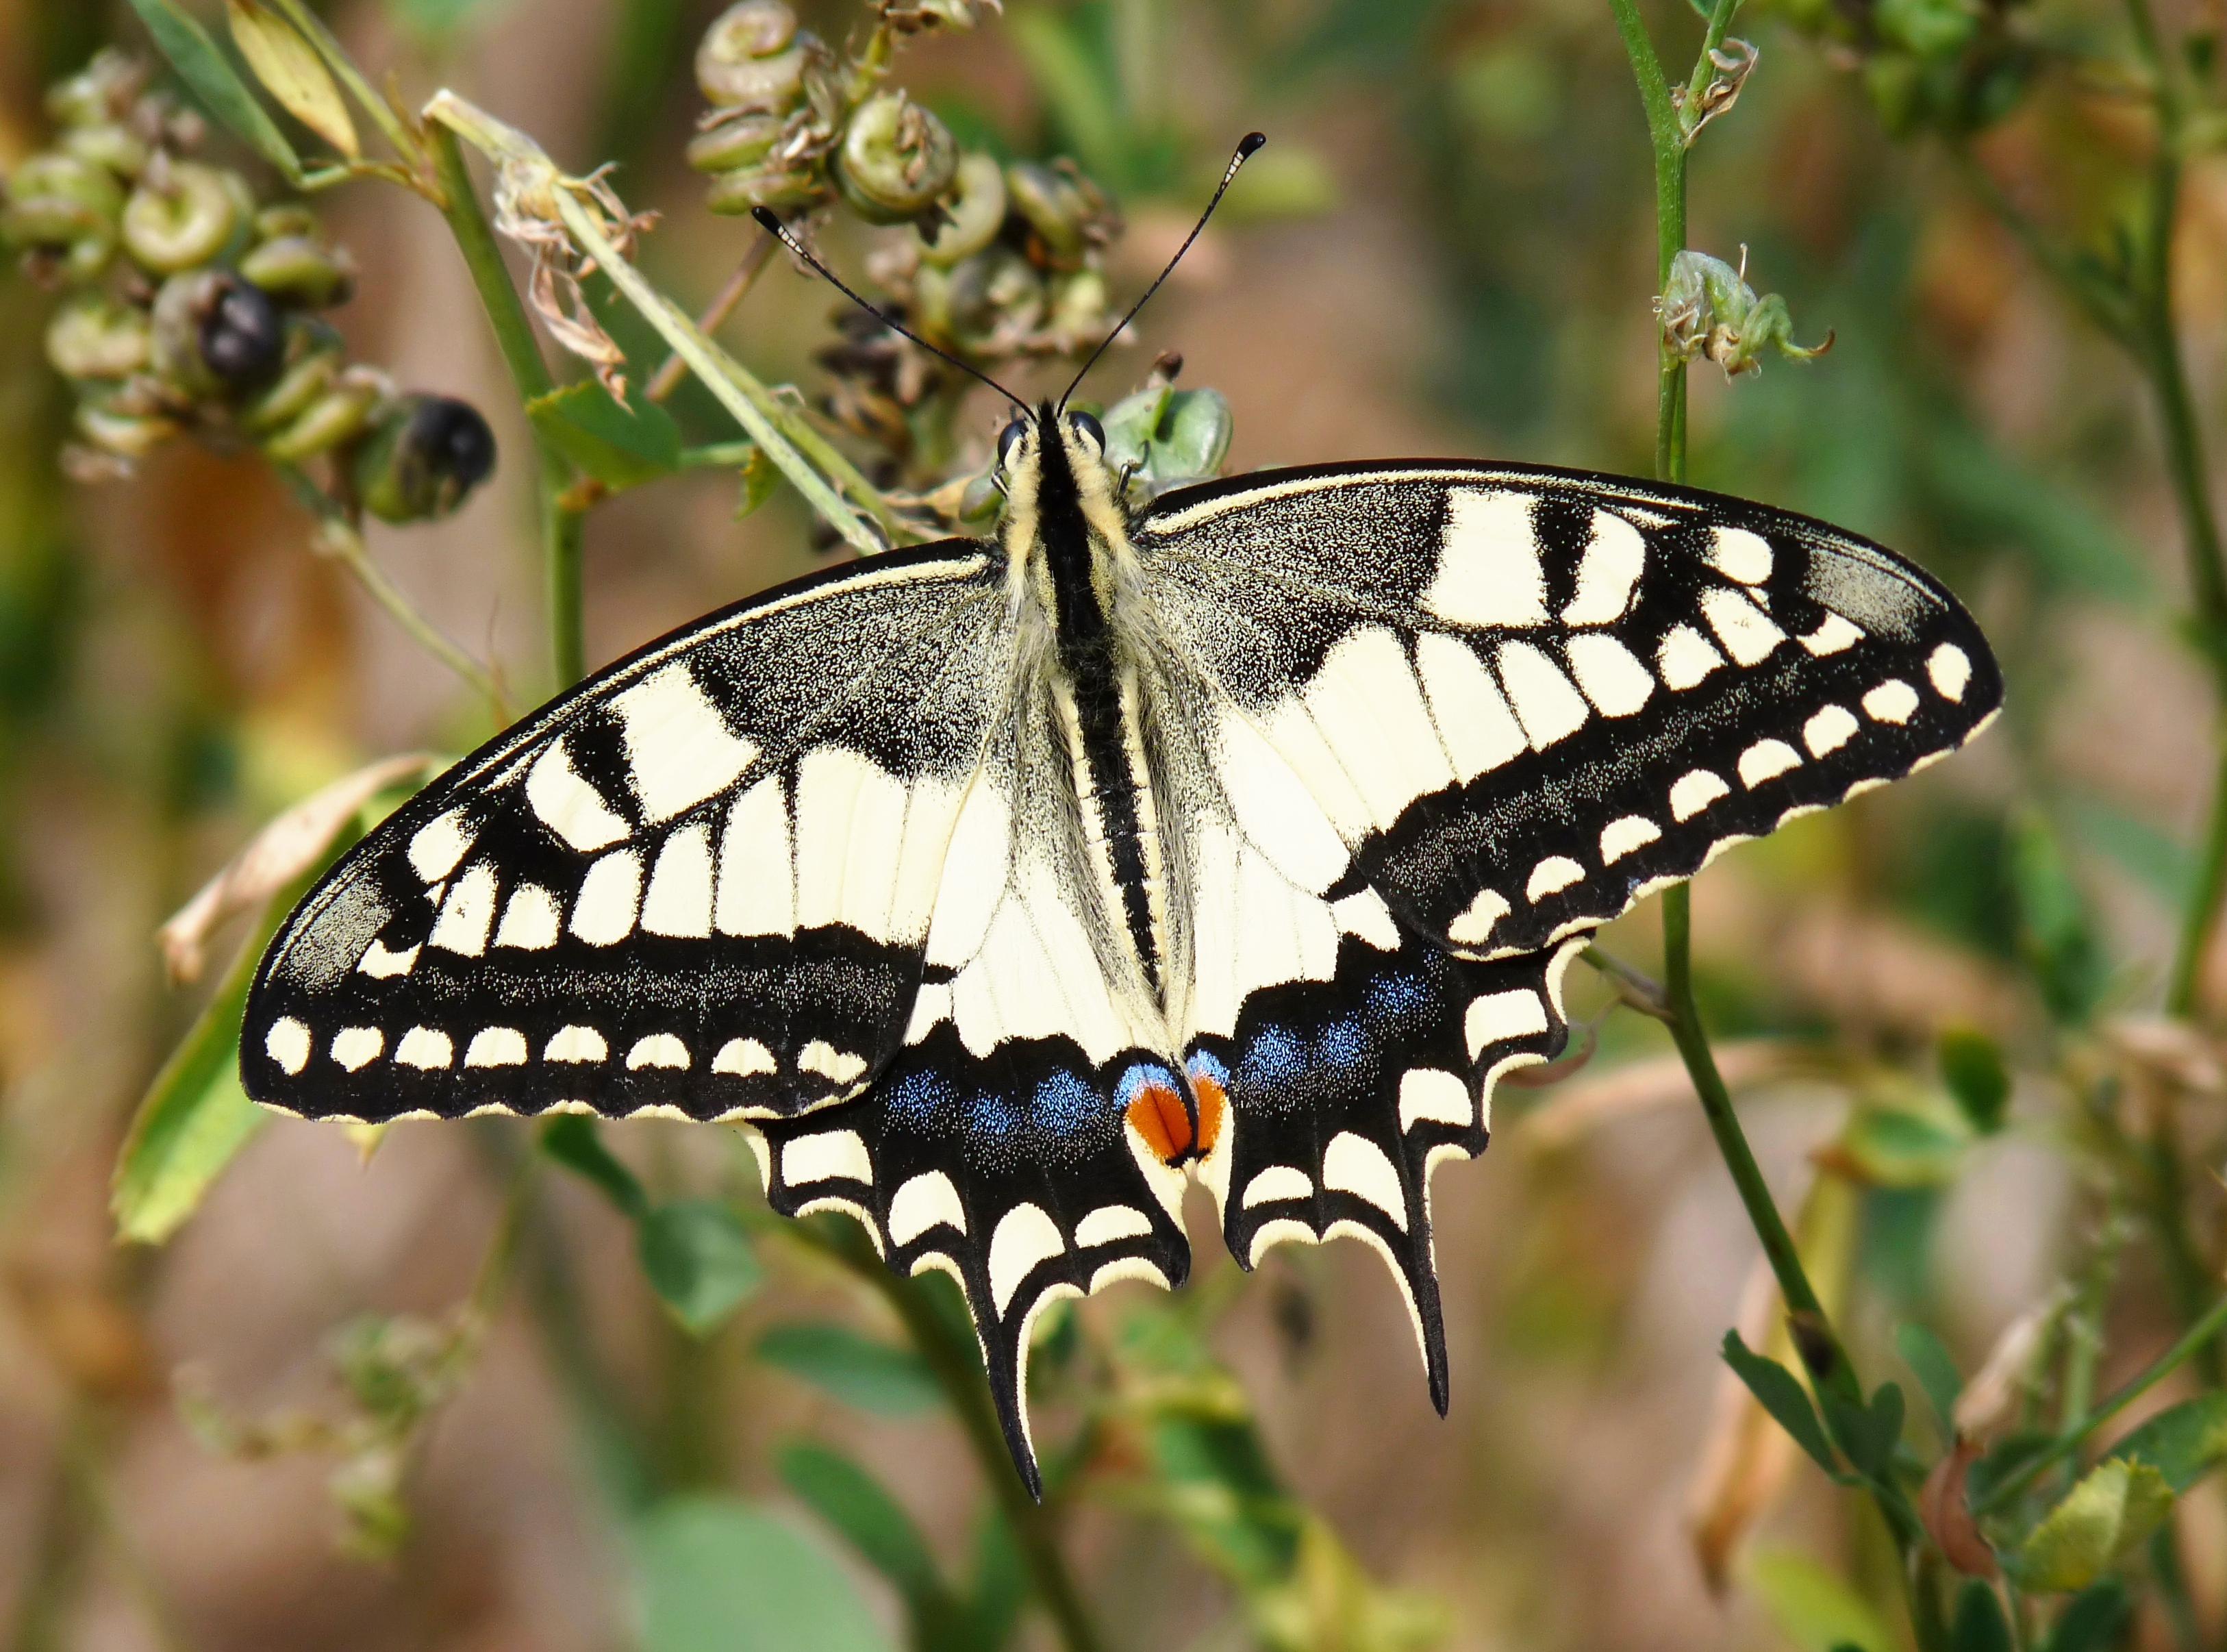 Papilio_machaon,_Livorno.jpg